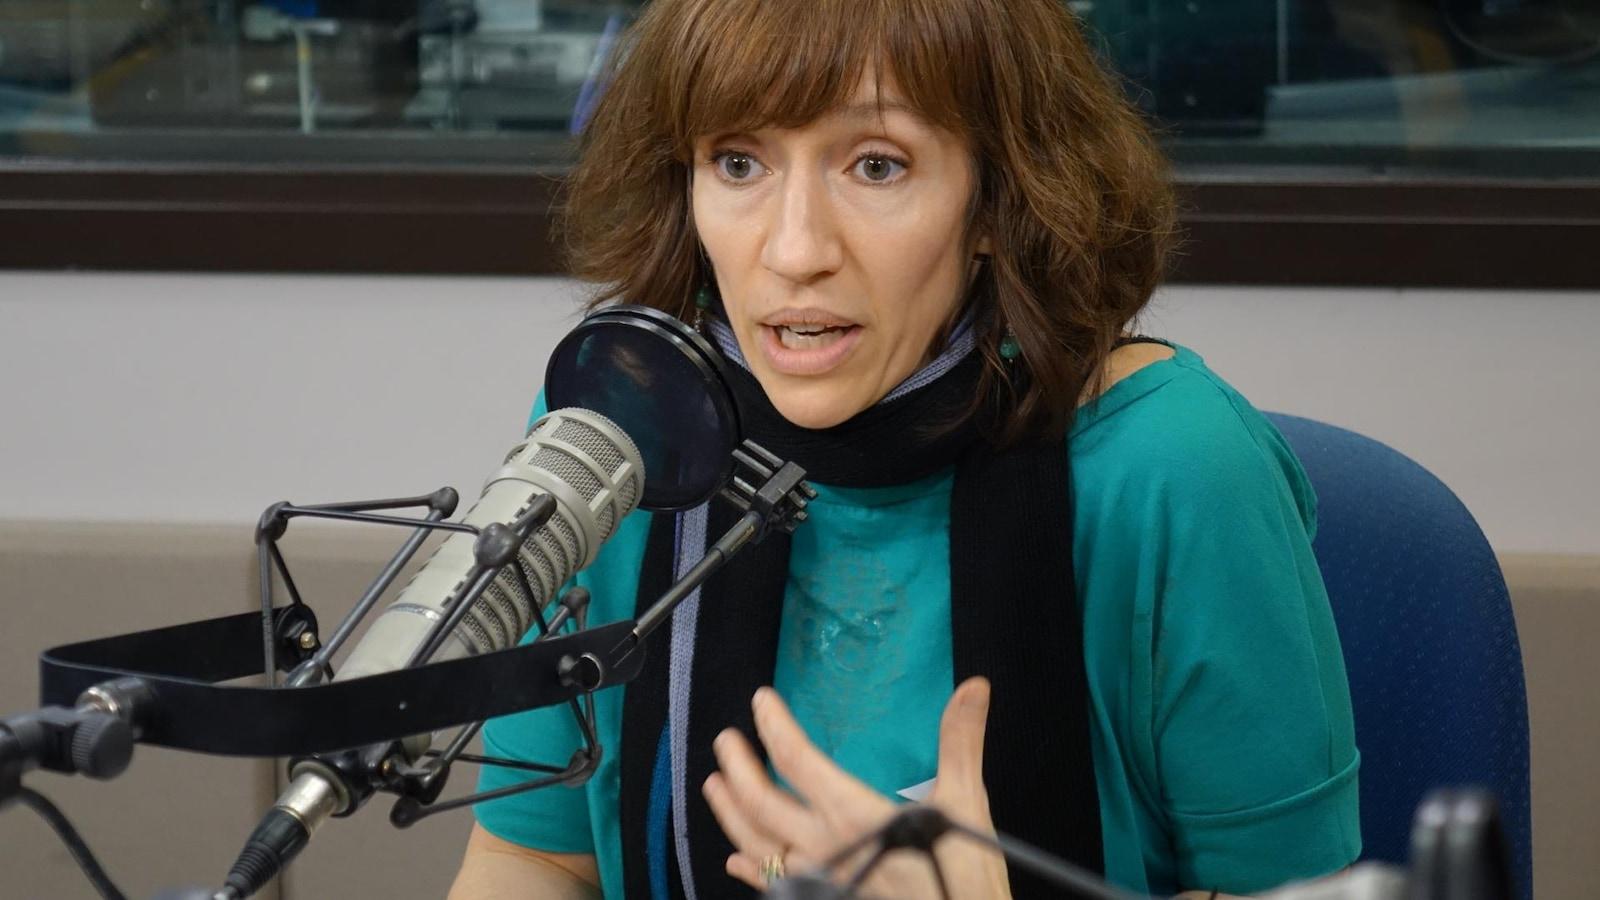 Stéphanie Demers enseigne au département des sciences de l'éducation de l'Université de Québec en Outaouais (UQO) et est la chercheuse responsable du volet UQO de l'ESSIMU.